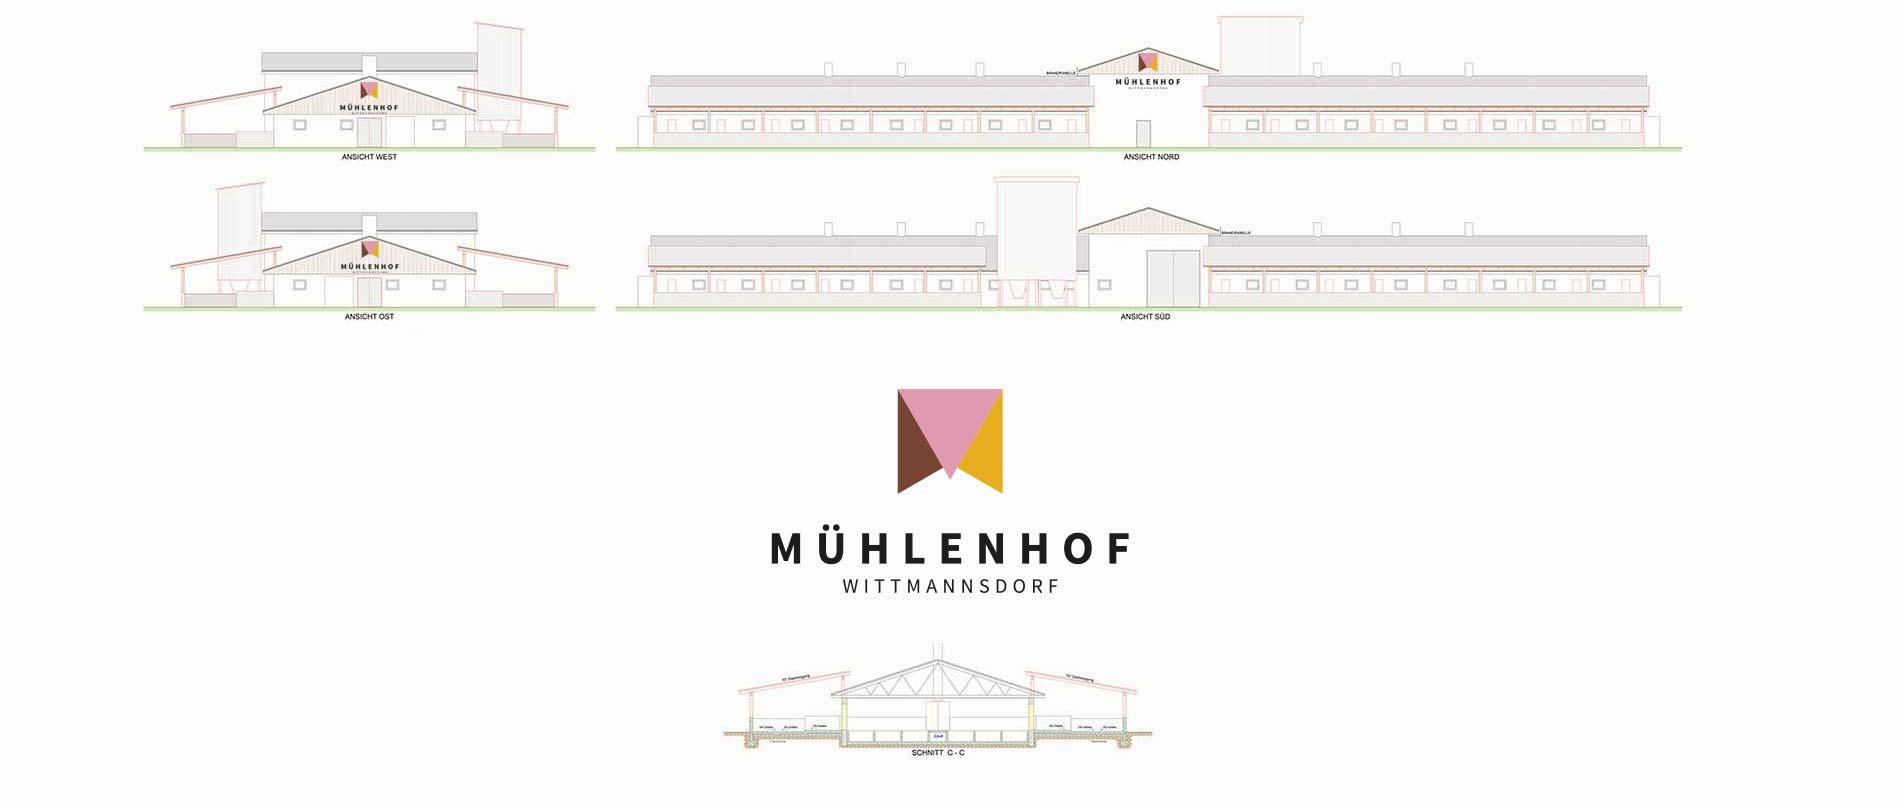 Mühlenhof Wittmannsdorf Plan